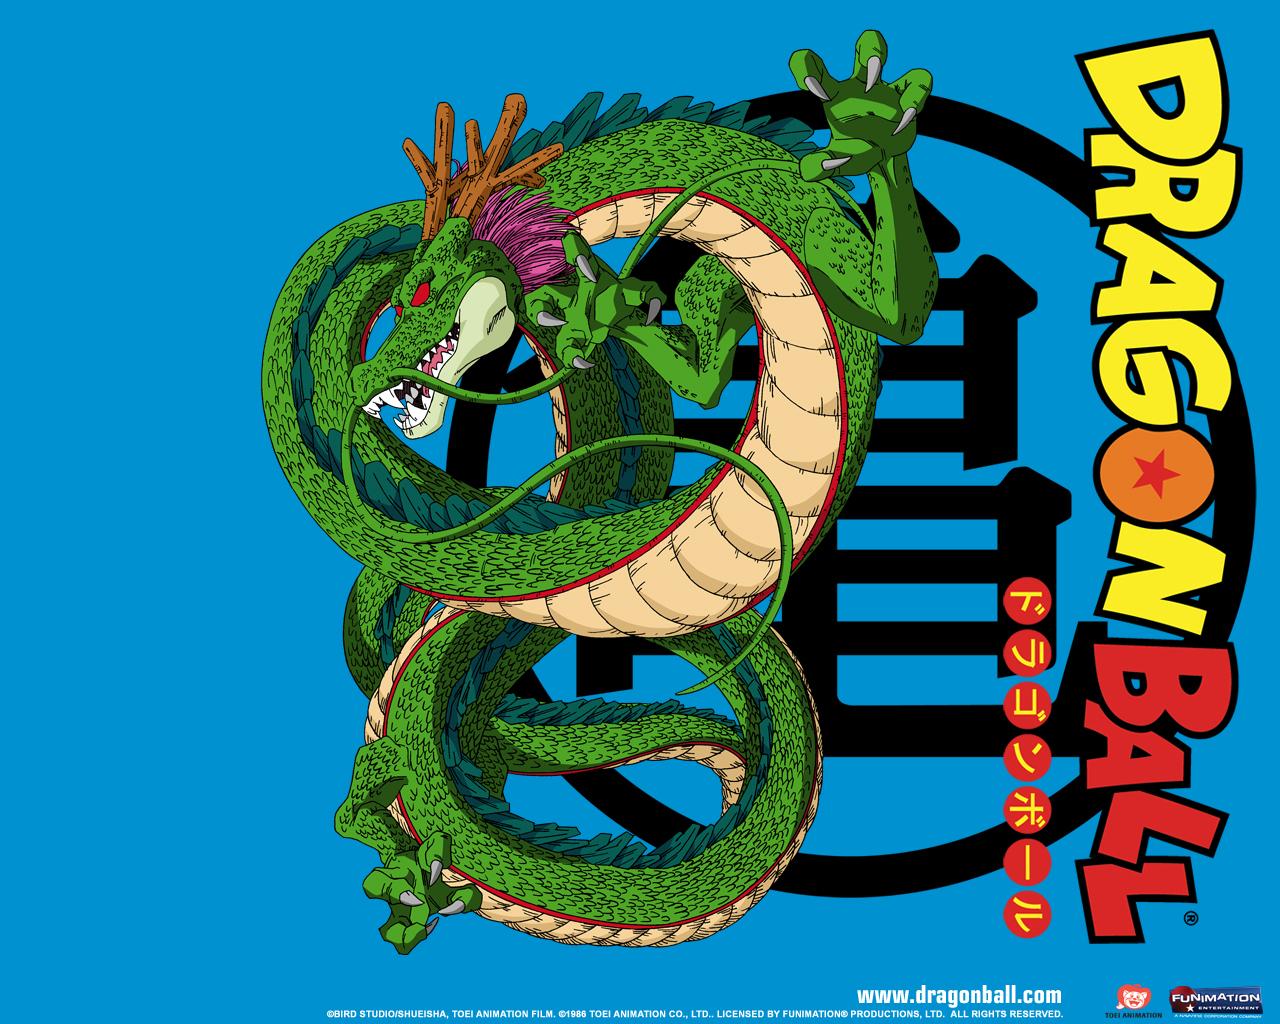 Dragonball Shenron Dragon Ball Z Wallpaper 21941580 Fanpop